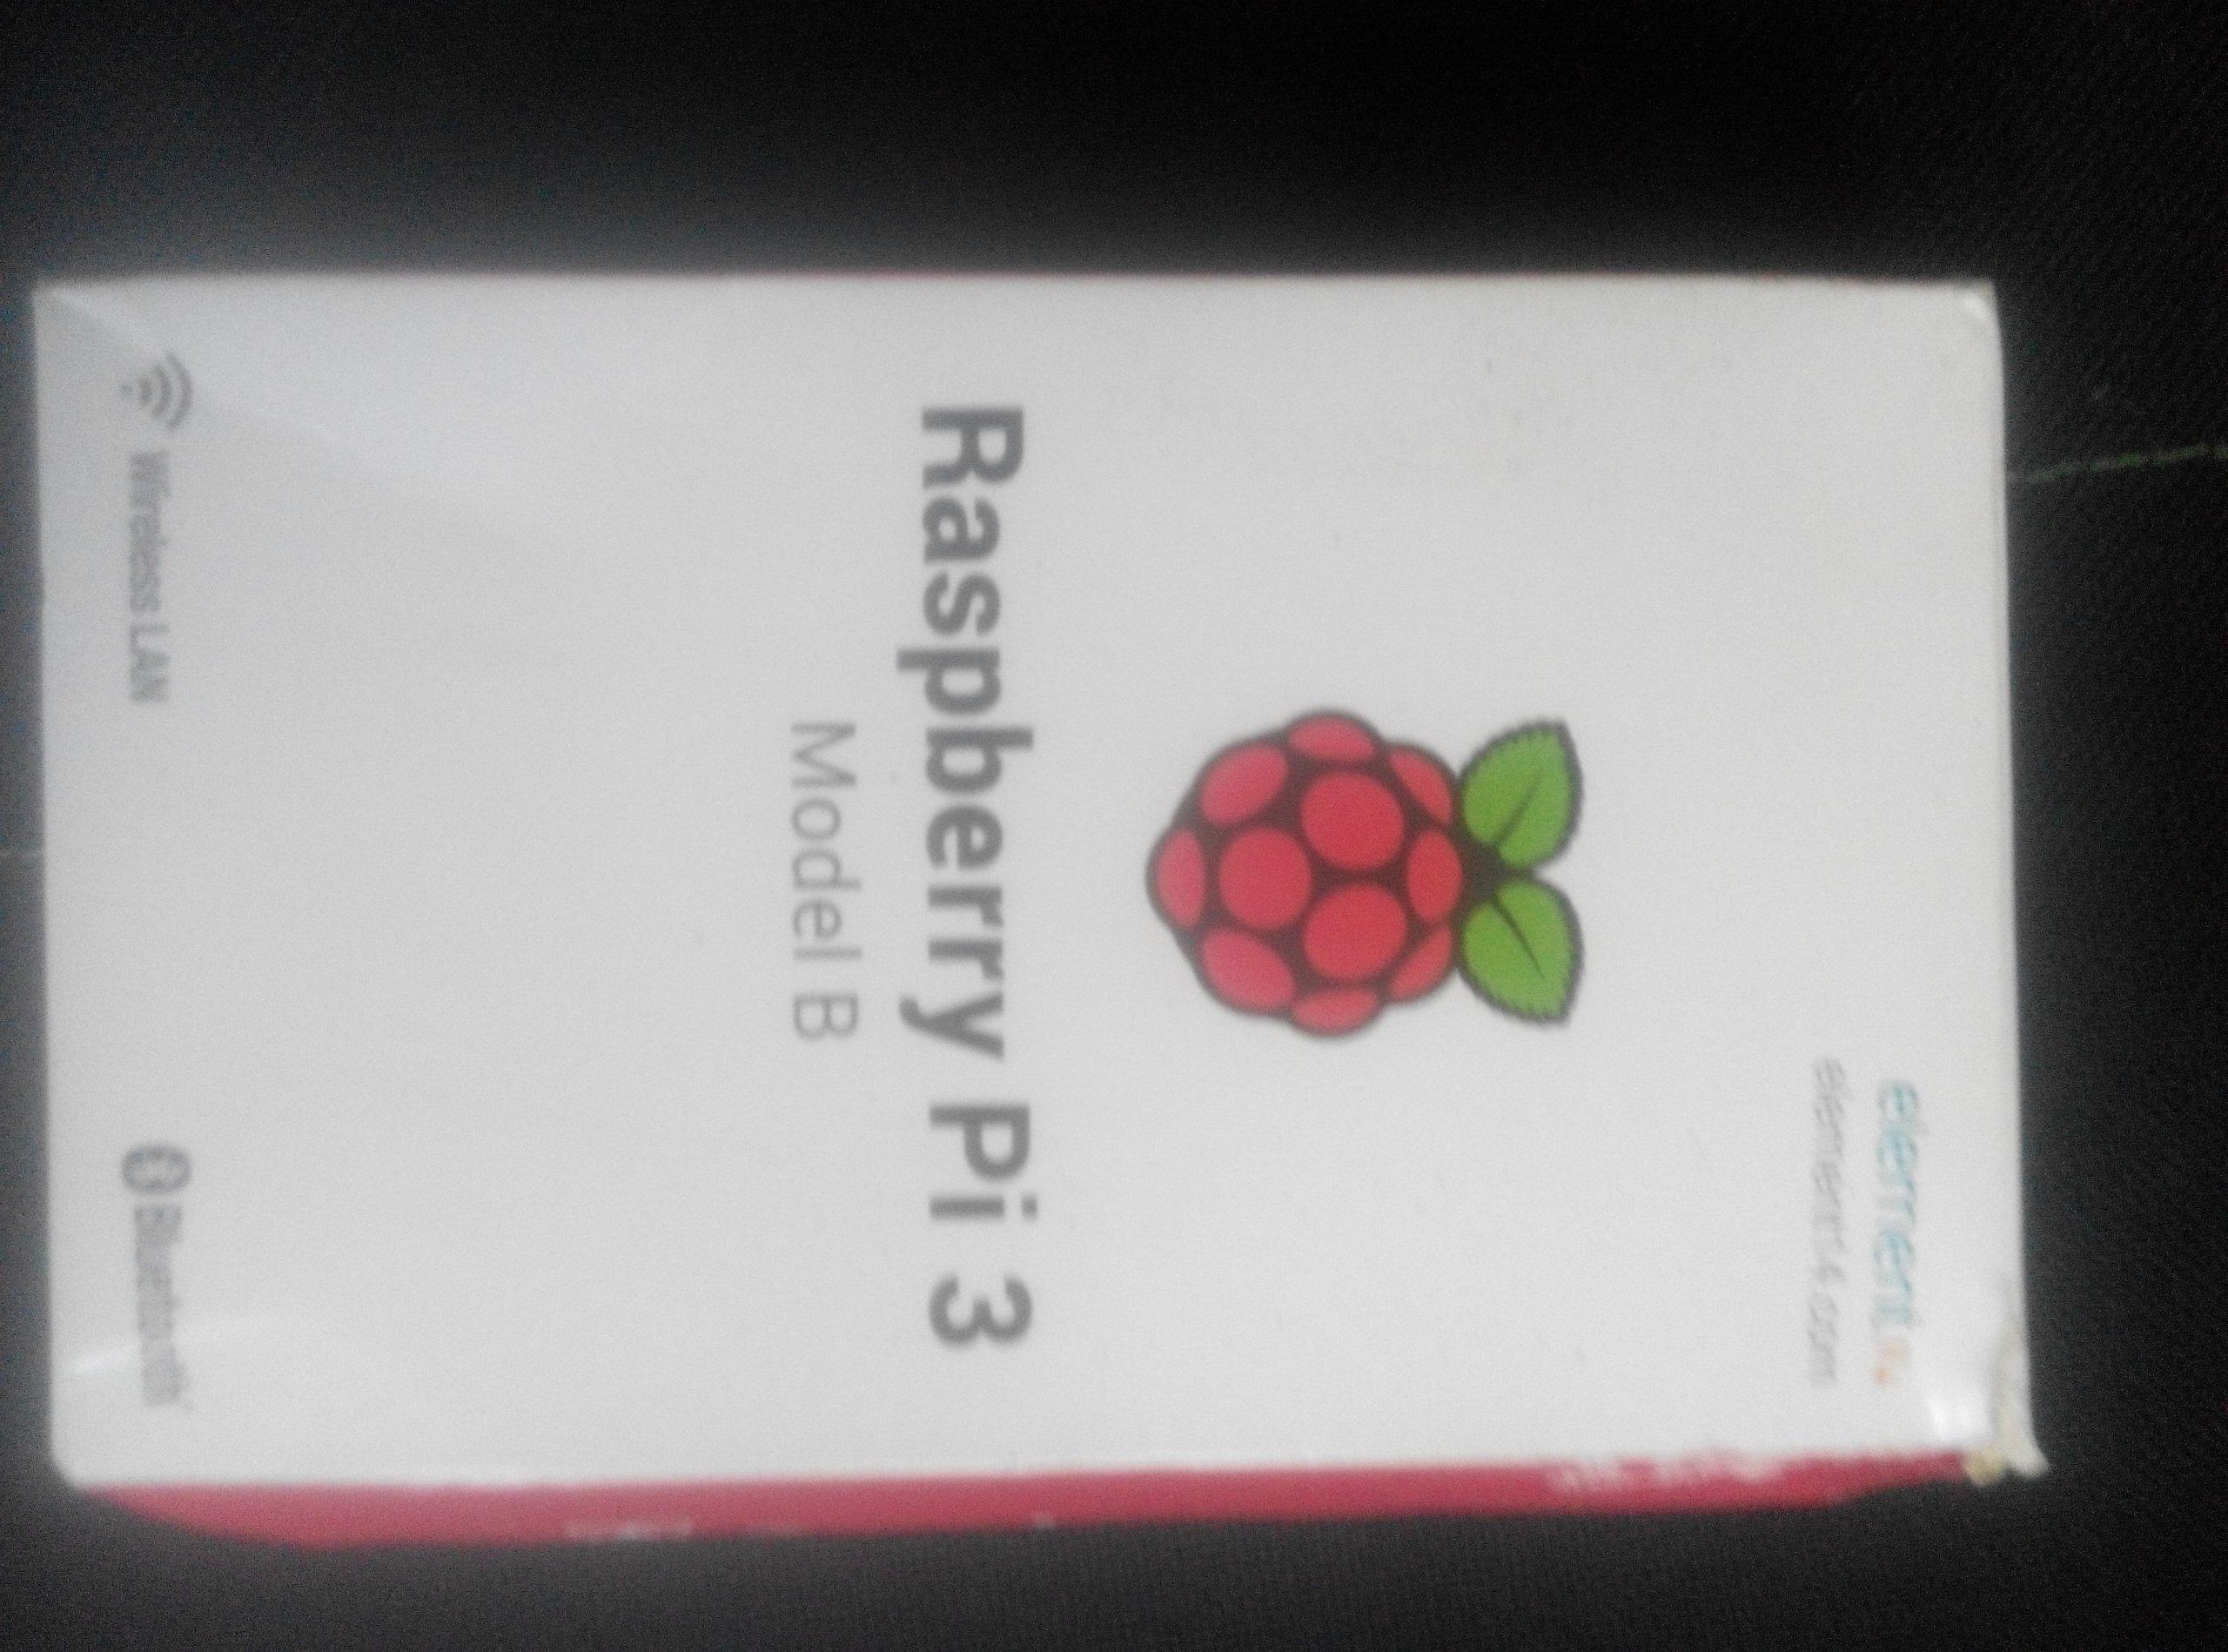 Raspberry Pi 3 model B nie testowany Mikrokomputer